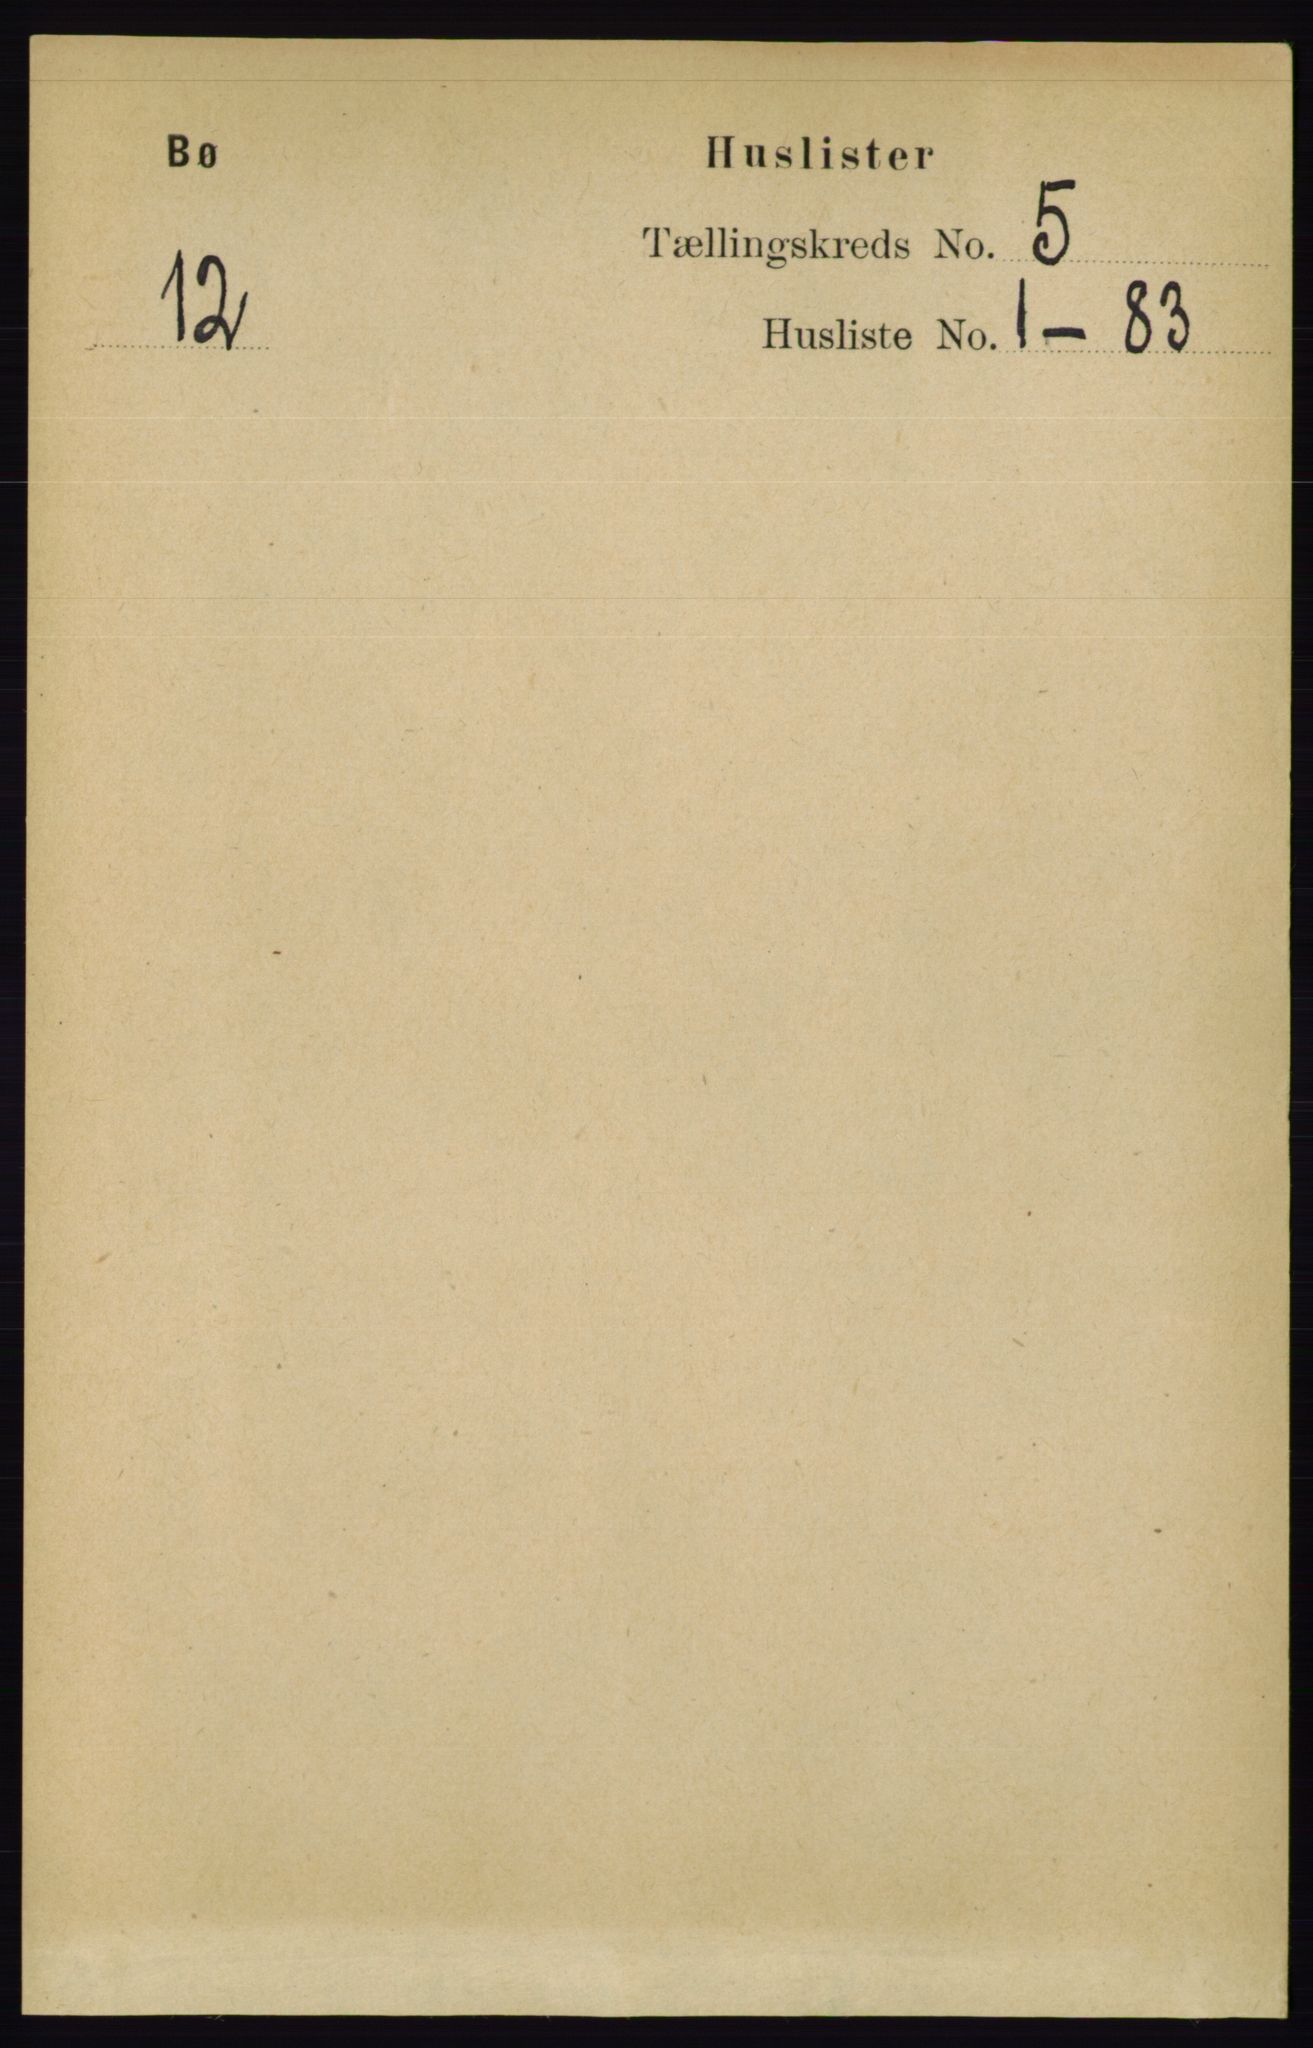 RA, Folketelling 1891 for 0821 Bø herred, 1891, s. 1333